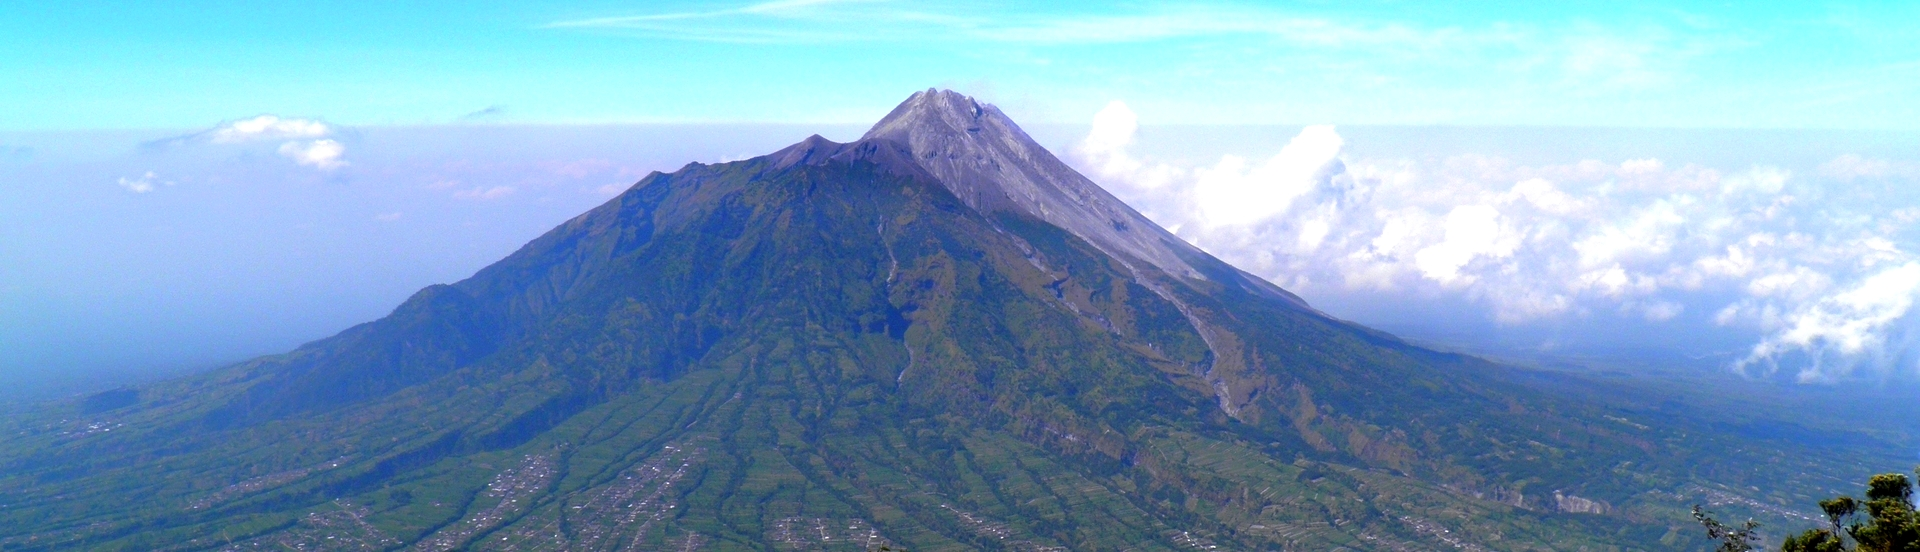 Merapi - Indonesie